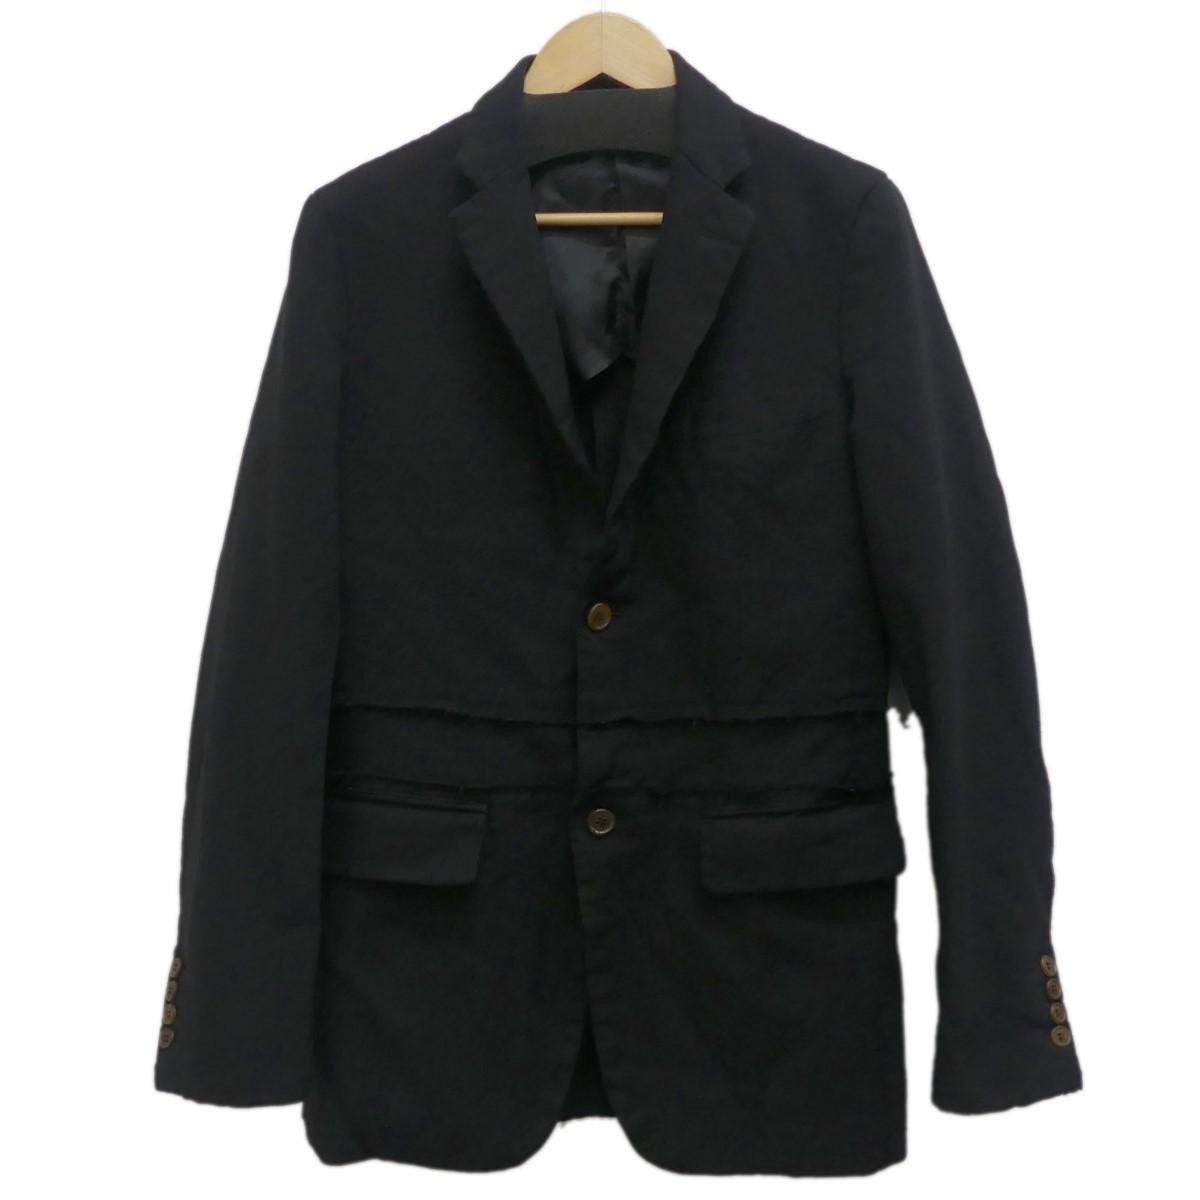 【中古】COMME des GARCONS HOMME DEUX2019SS 再構築テーラードジャケット ブラック サイズ:XS 【5月14日見直し】